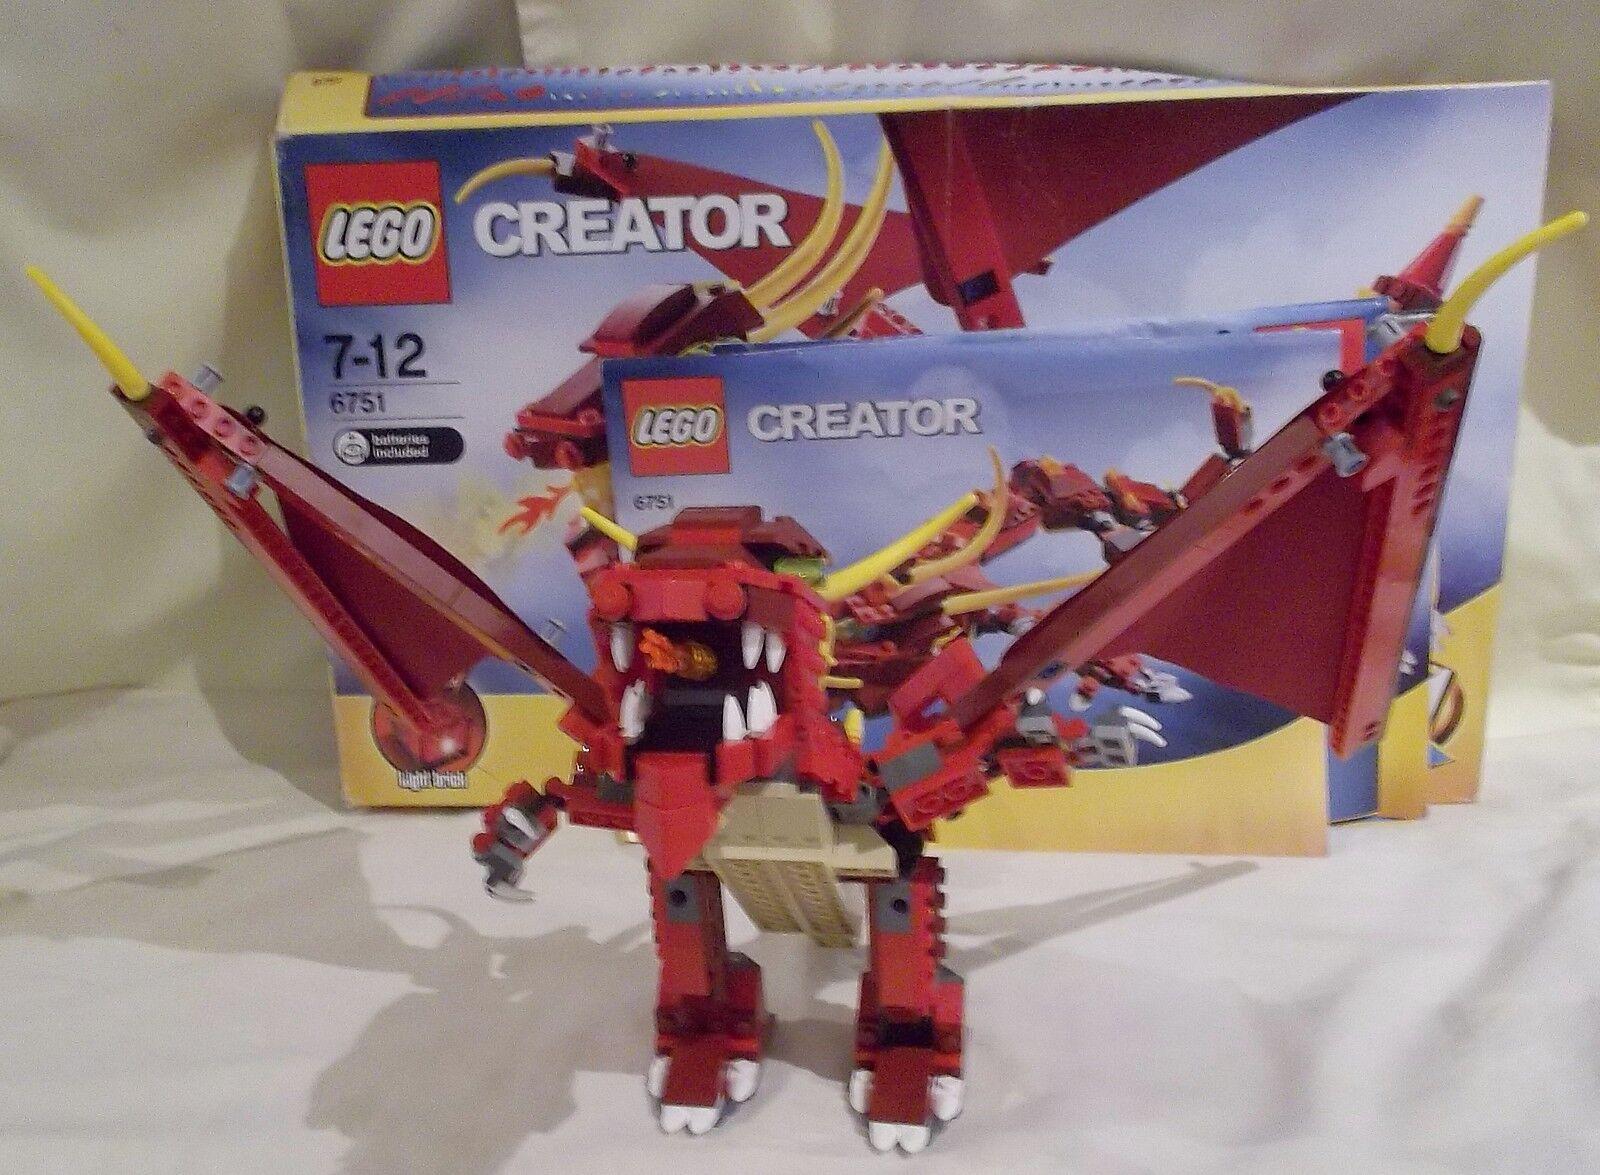 LEGO CREATOR FIERY LEGEND 6751 (1)